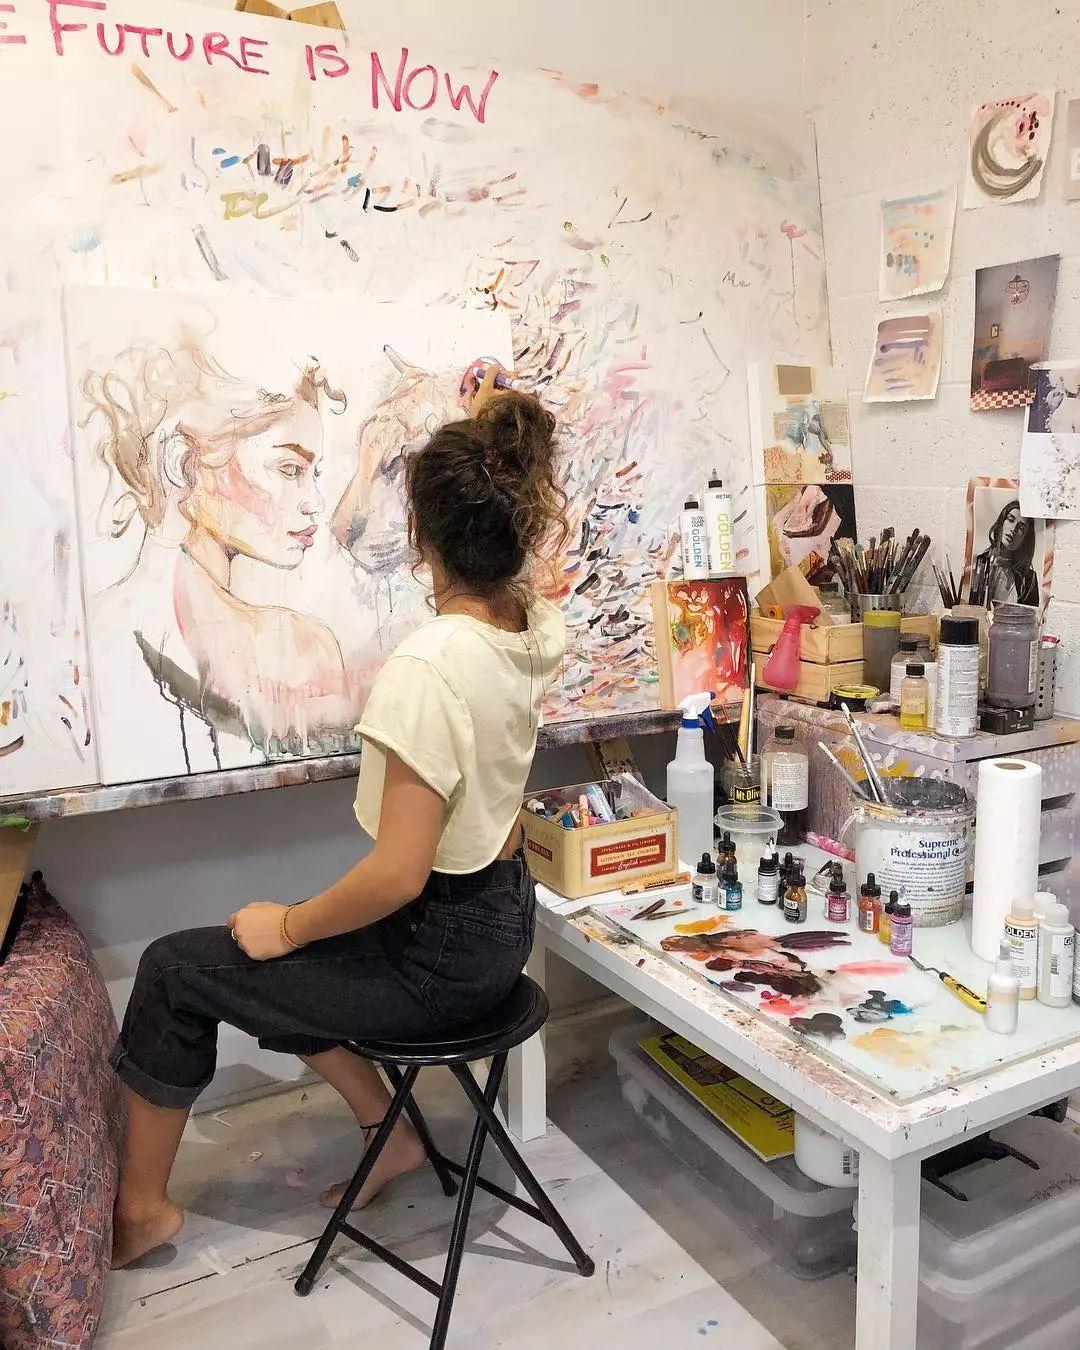 12岁开始画画 16岁就卖画赚100万——希腊小画家Dimitra Milan插图56